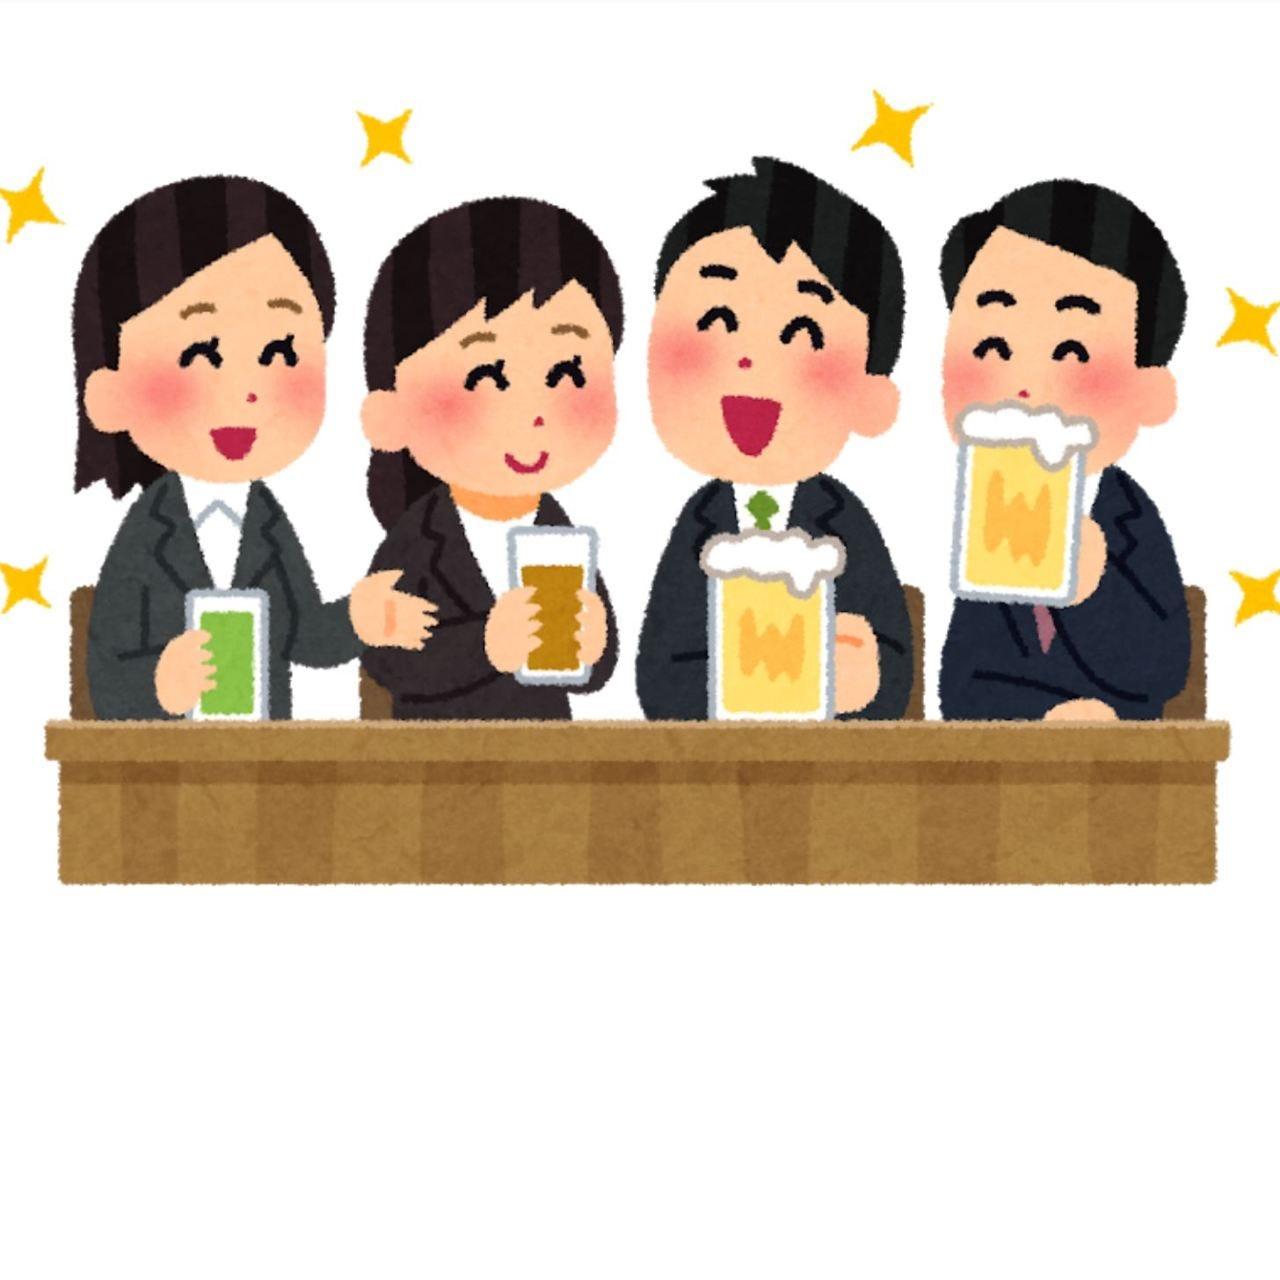 大盤振舞!ご宴会・会食・打ち上げ!全品食べ放題・飲み放題 2時間4,180円(税込)⇒3,800円(税込)